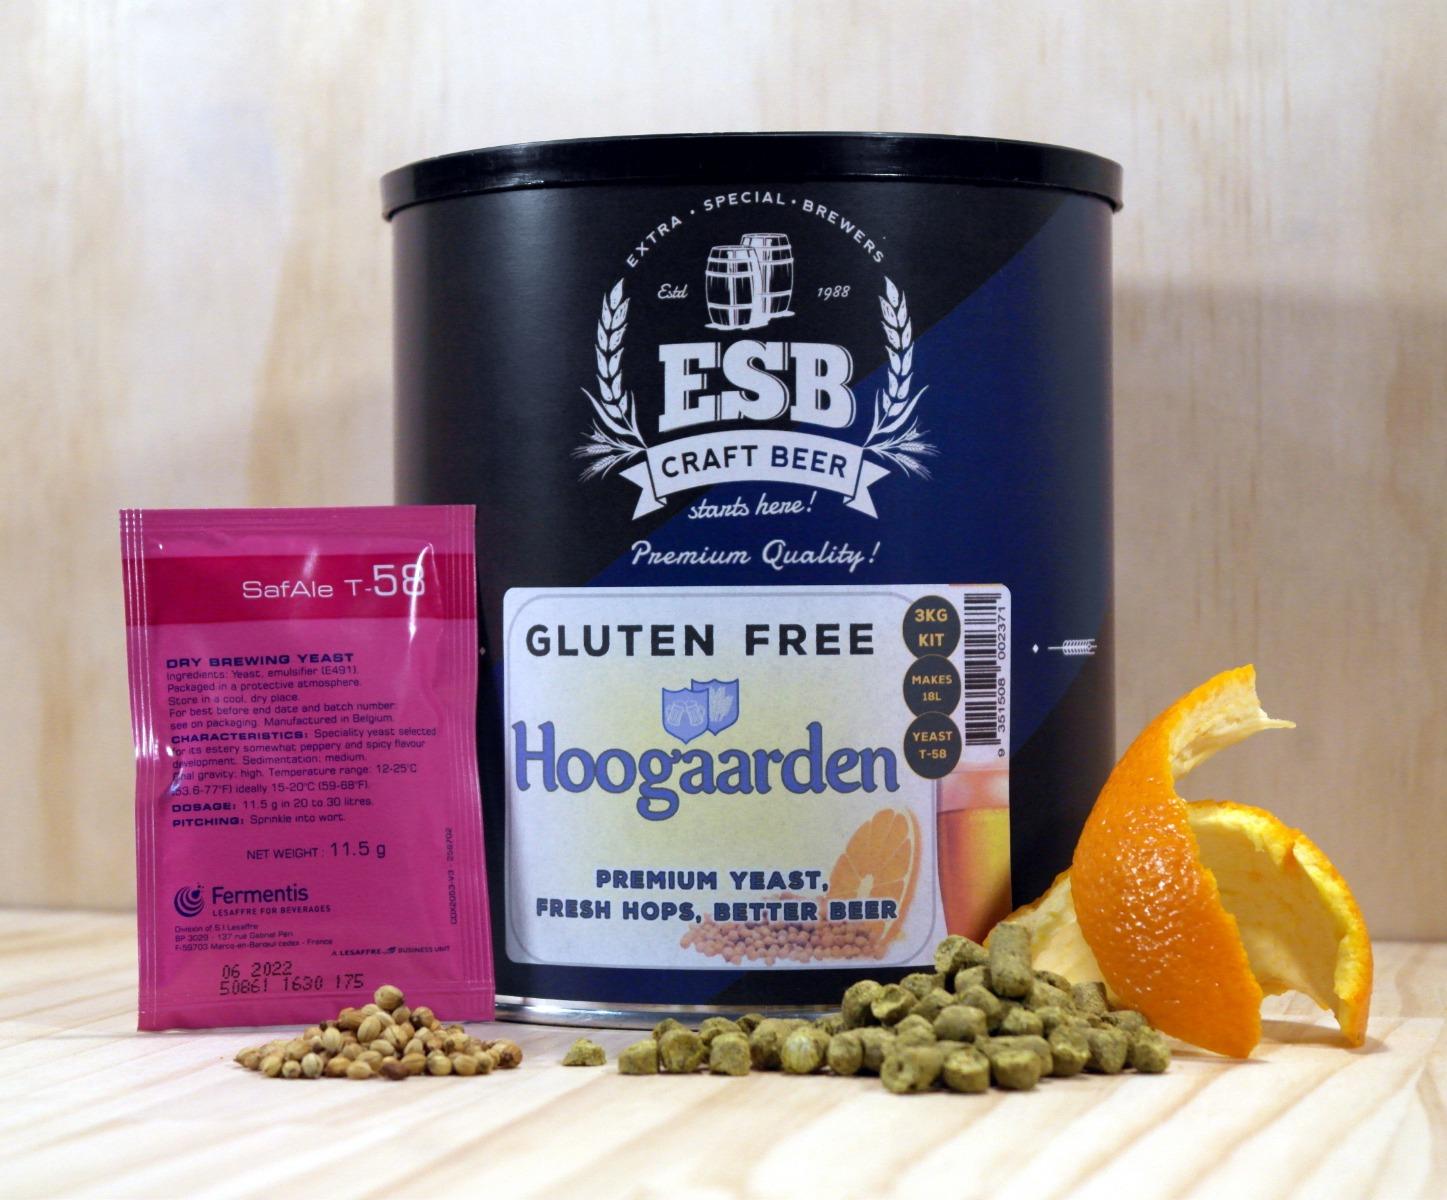 ESB 3kg Gluten Free Hoogaarden